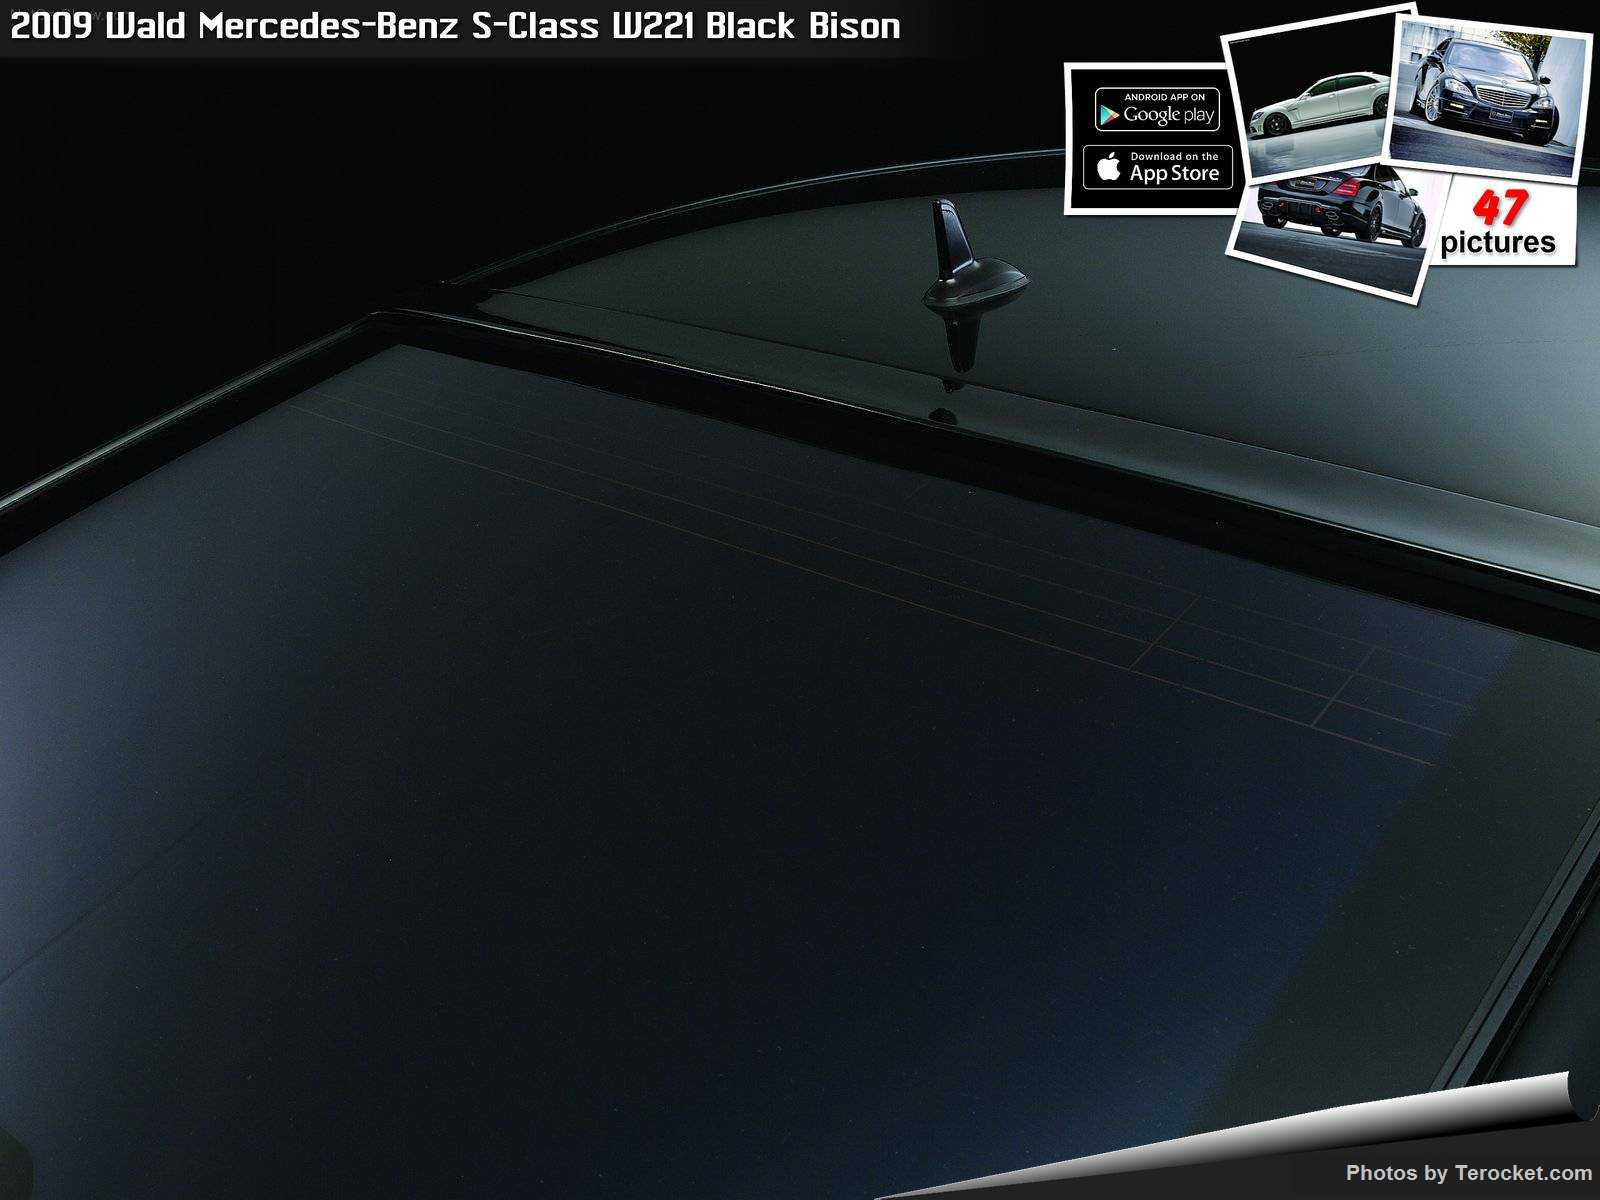 Hình ảnh xe độ Wald Mercedes-Benz S-Class W221 Black Bison 2009 & nội ngoại thất